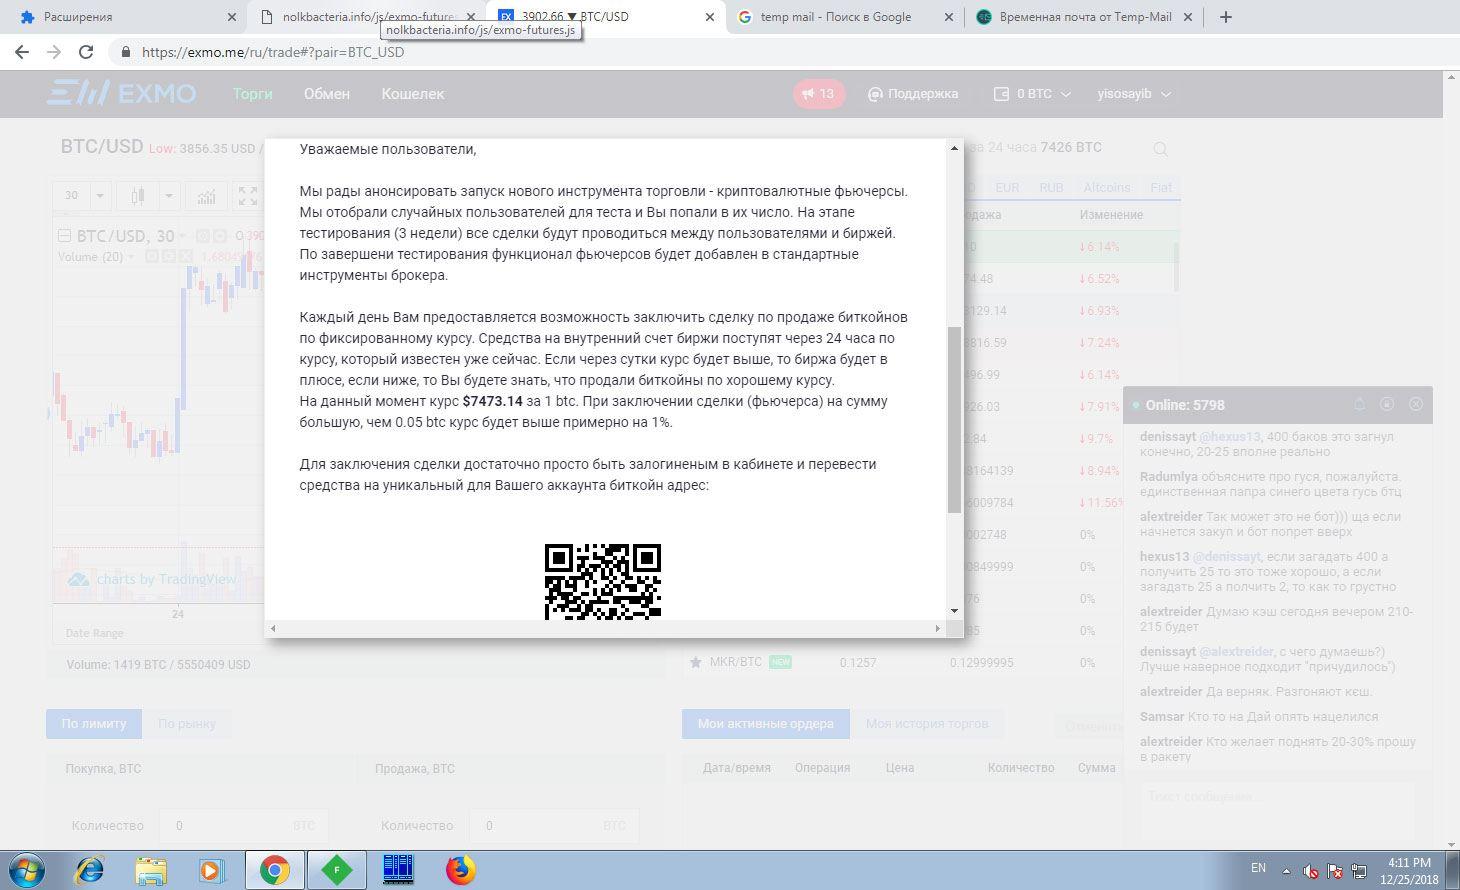 Le cheval de Troie Razy affiche de fausses offres aux utilisateurs de sites qui permettent d'échanger de la crypto-monnaie